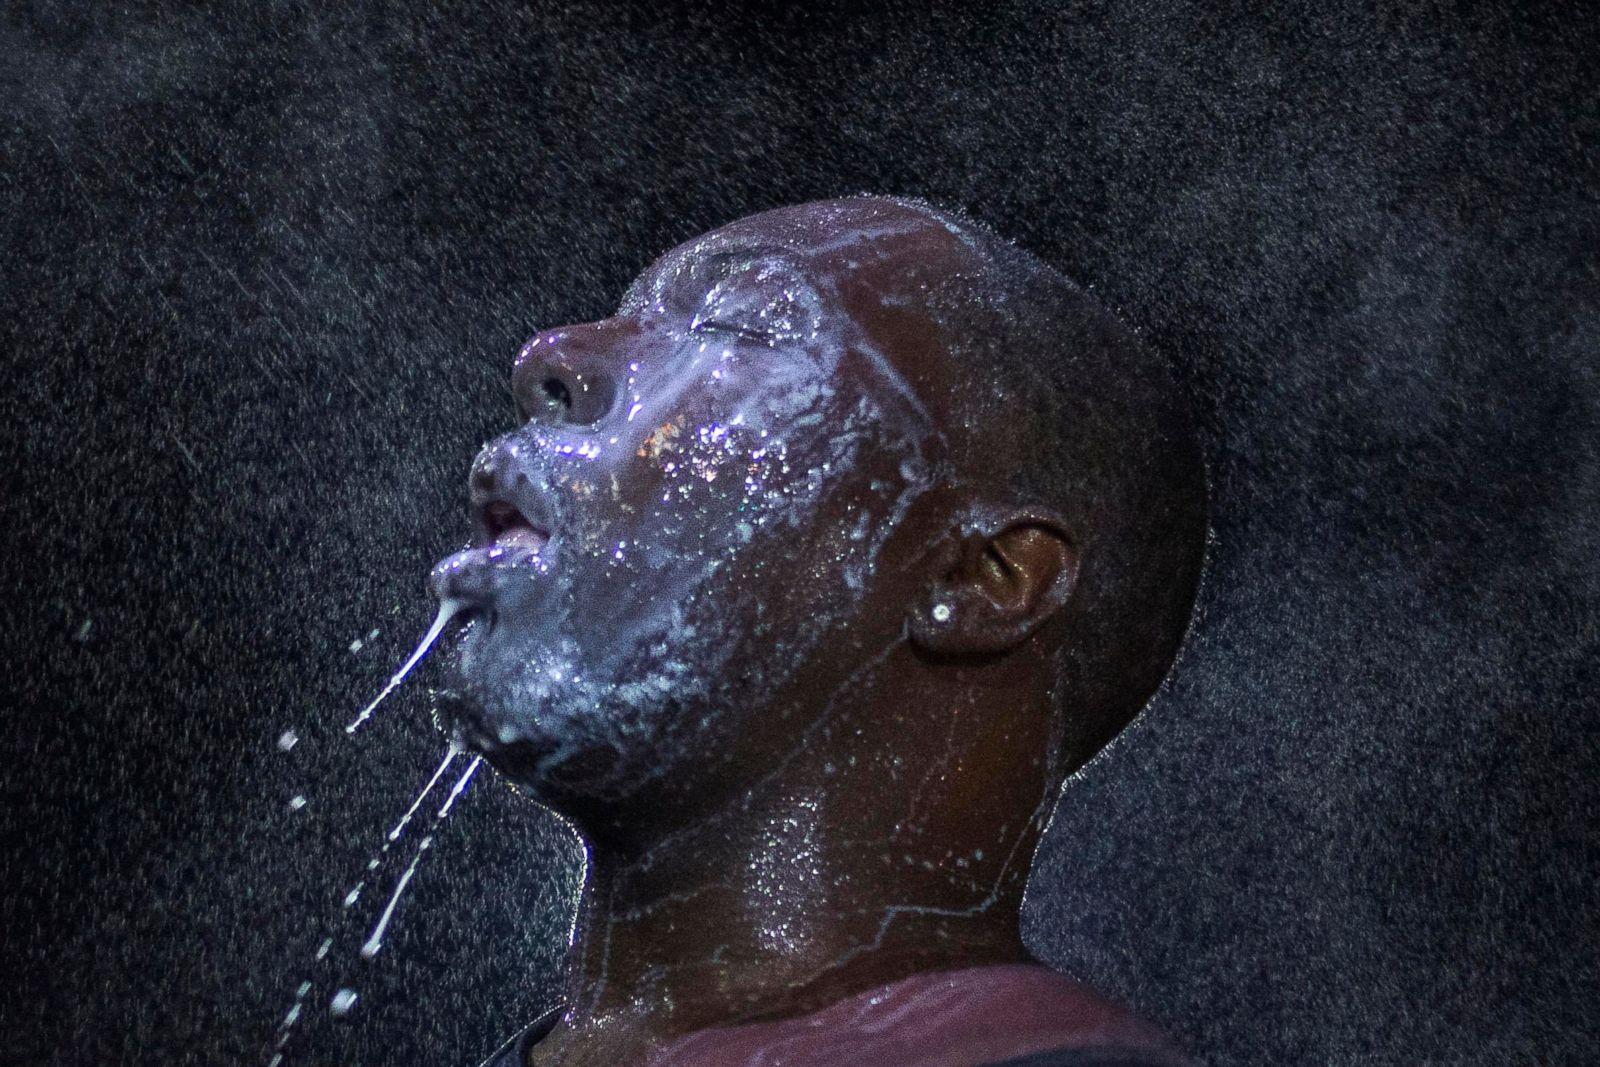 Un hombre es rociado con leches después de ser golpeado por un irritante ocular de la policía en Ferguson, Missouri, el 20 de agosto de 2014, durante las protestas por la muerte de Michael Brown. Fotografía: Adrees Latif/Reuters